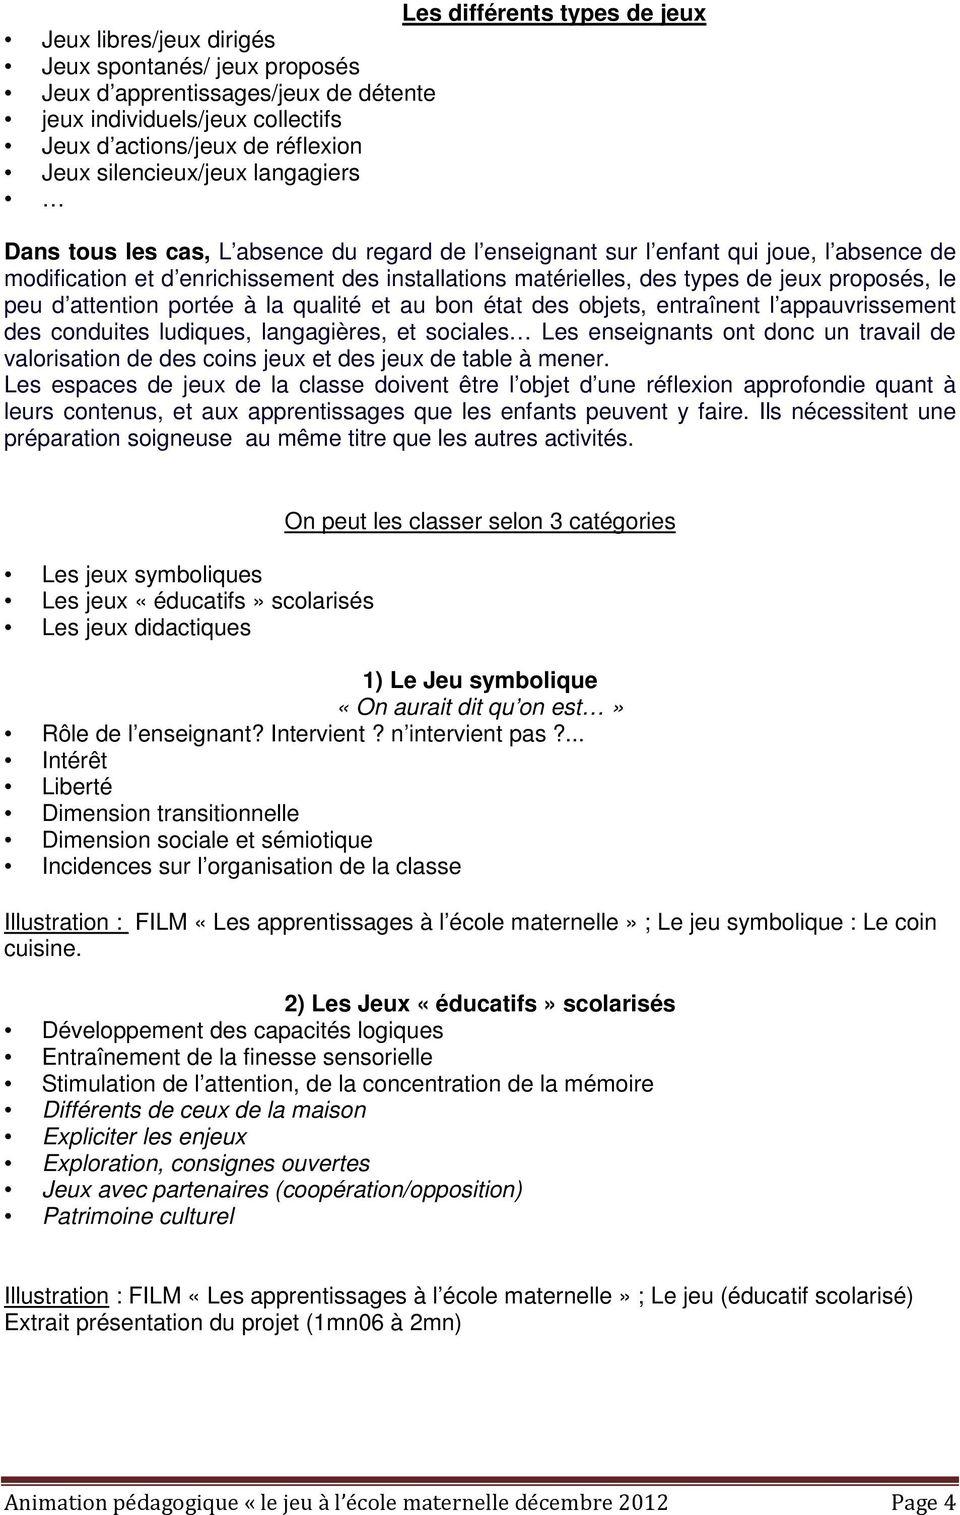 Le Jeu A L Ecole Maternelle. Introduction - Pdf serapportantà Jeux Didactiques Maternelle